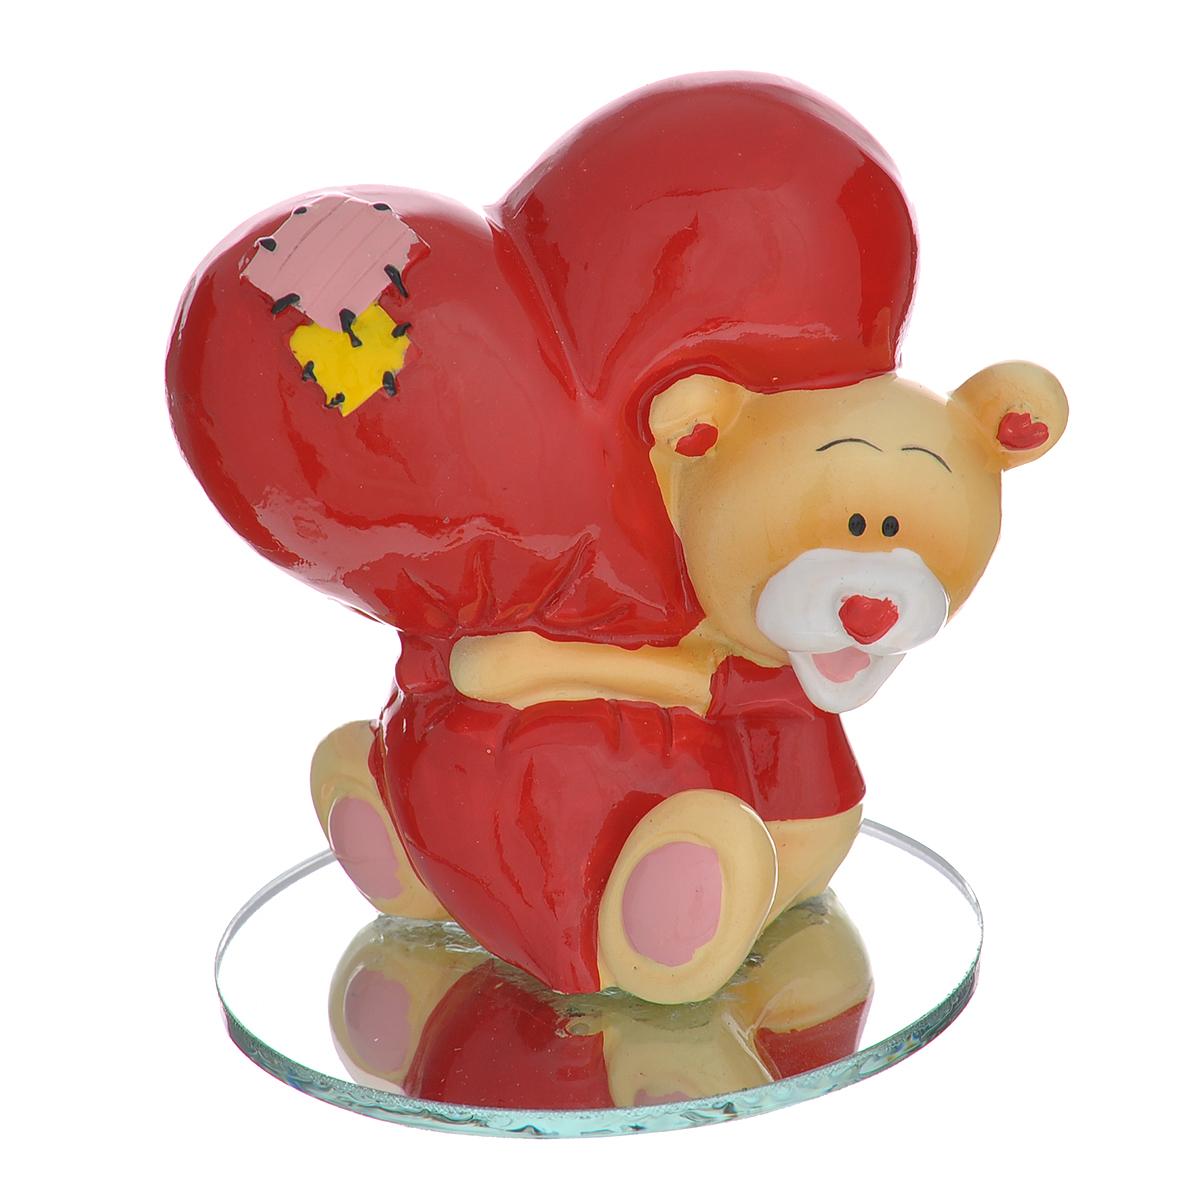 Фигурка декоративная Мишка-валентинка, цвет: красный. 123437 фигурка декоративная мишка валентинка цвет красный 123437